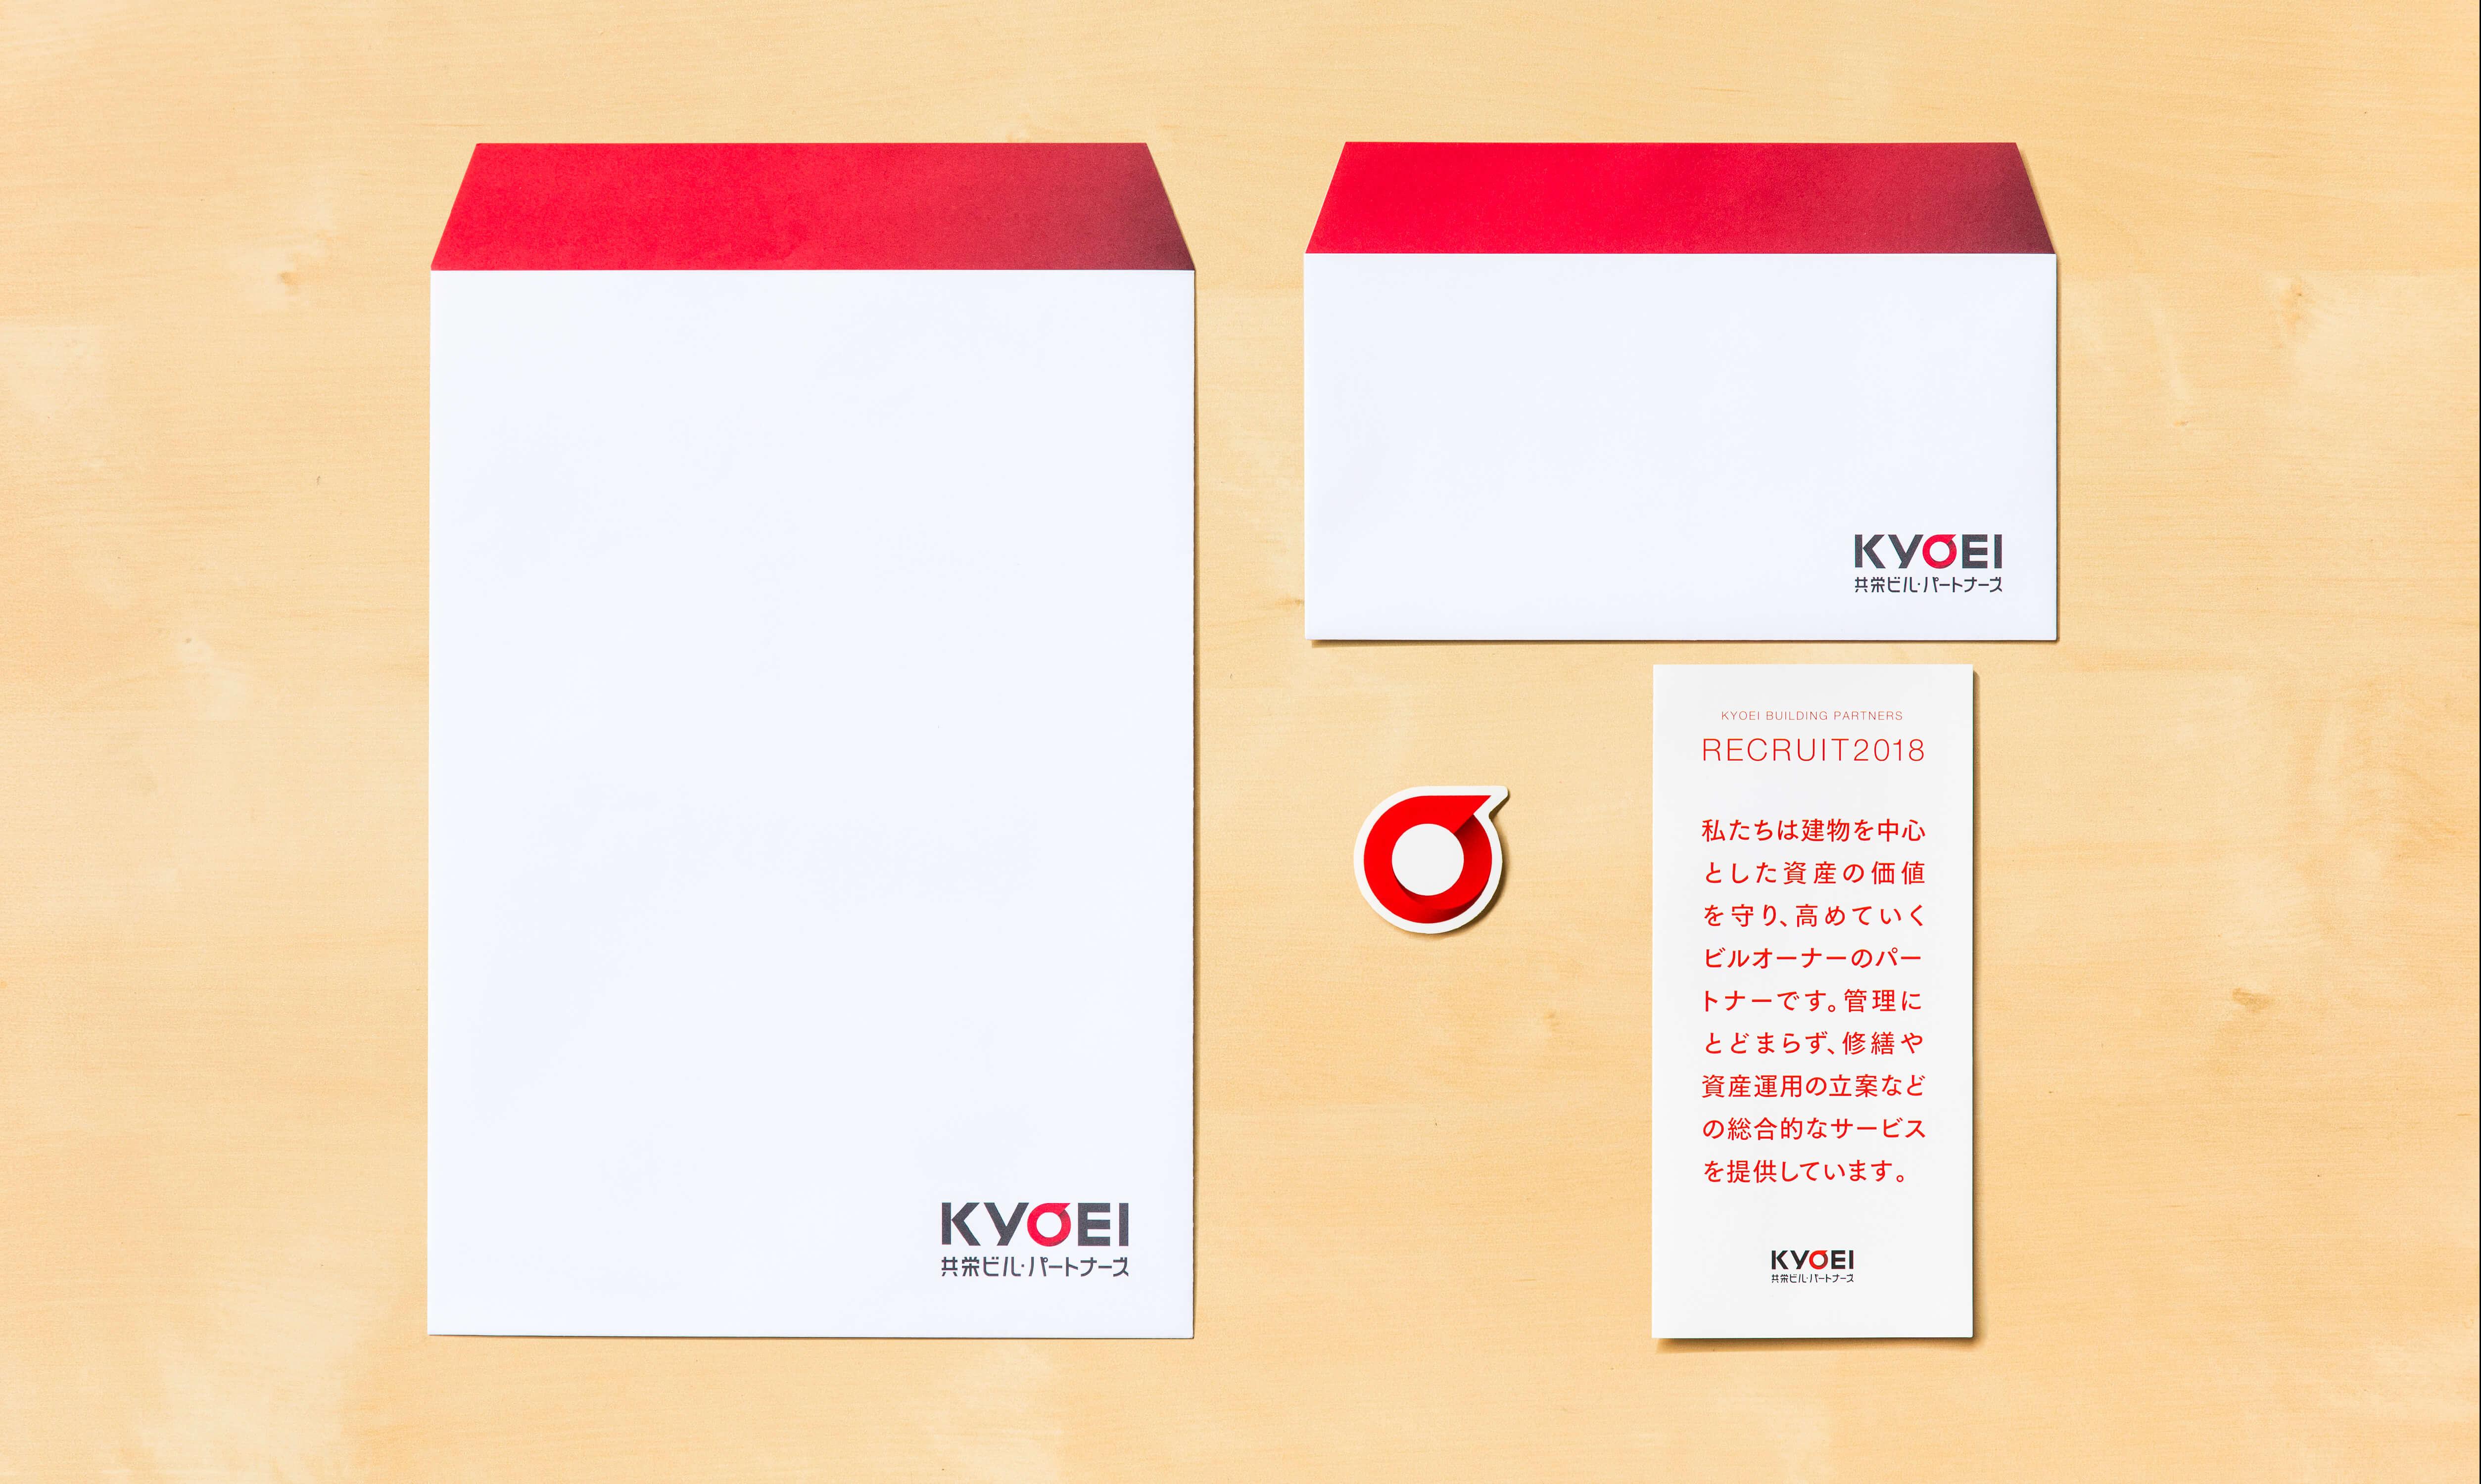 kyoei_tool